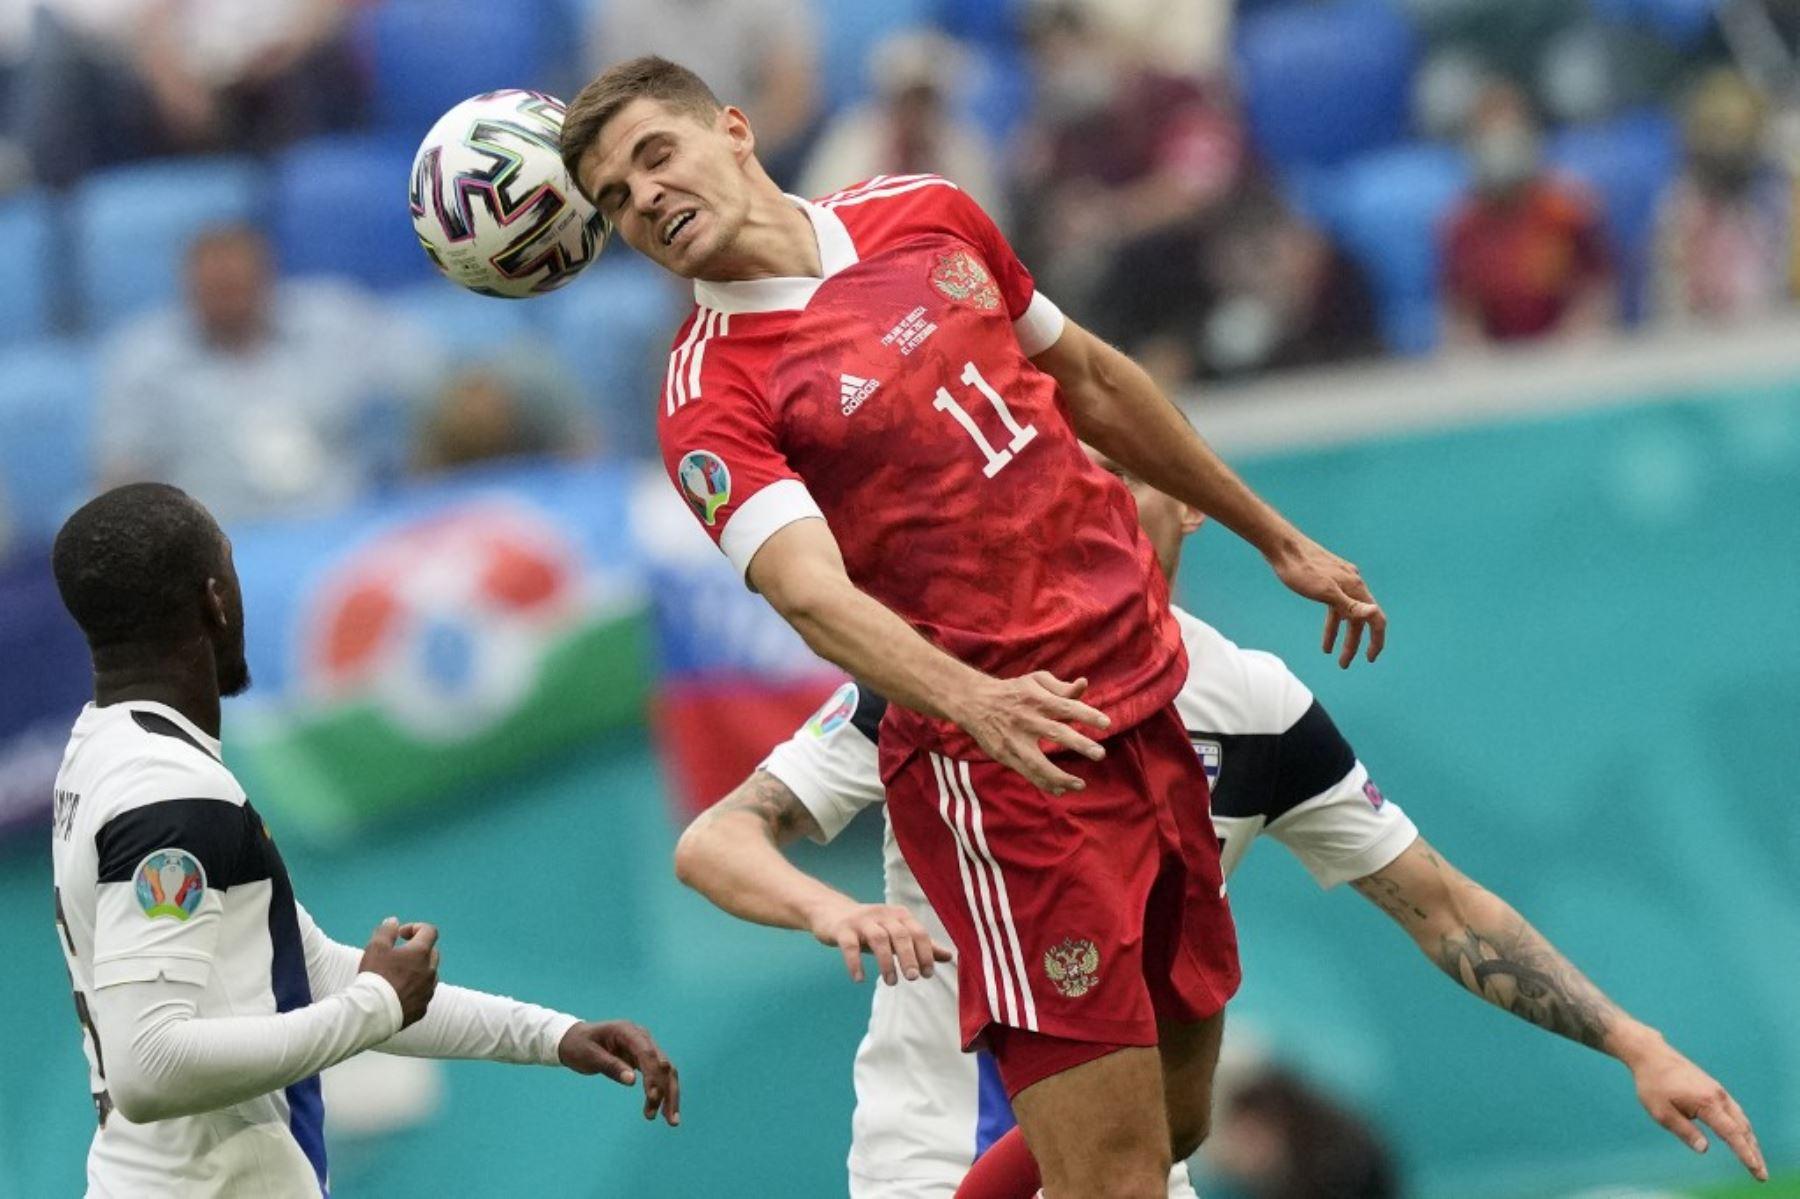 El mediocampista ruso Roman Zobnin cabecea el balón durante el partido de fútbol del Grupo B de la UEFA EURO 2020 entre Finlandia y Rusia en el Estadio de San Petersburgo en San Petersburgo el 16 de junio de 2021. Foto: AFP